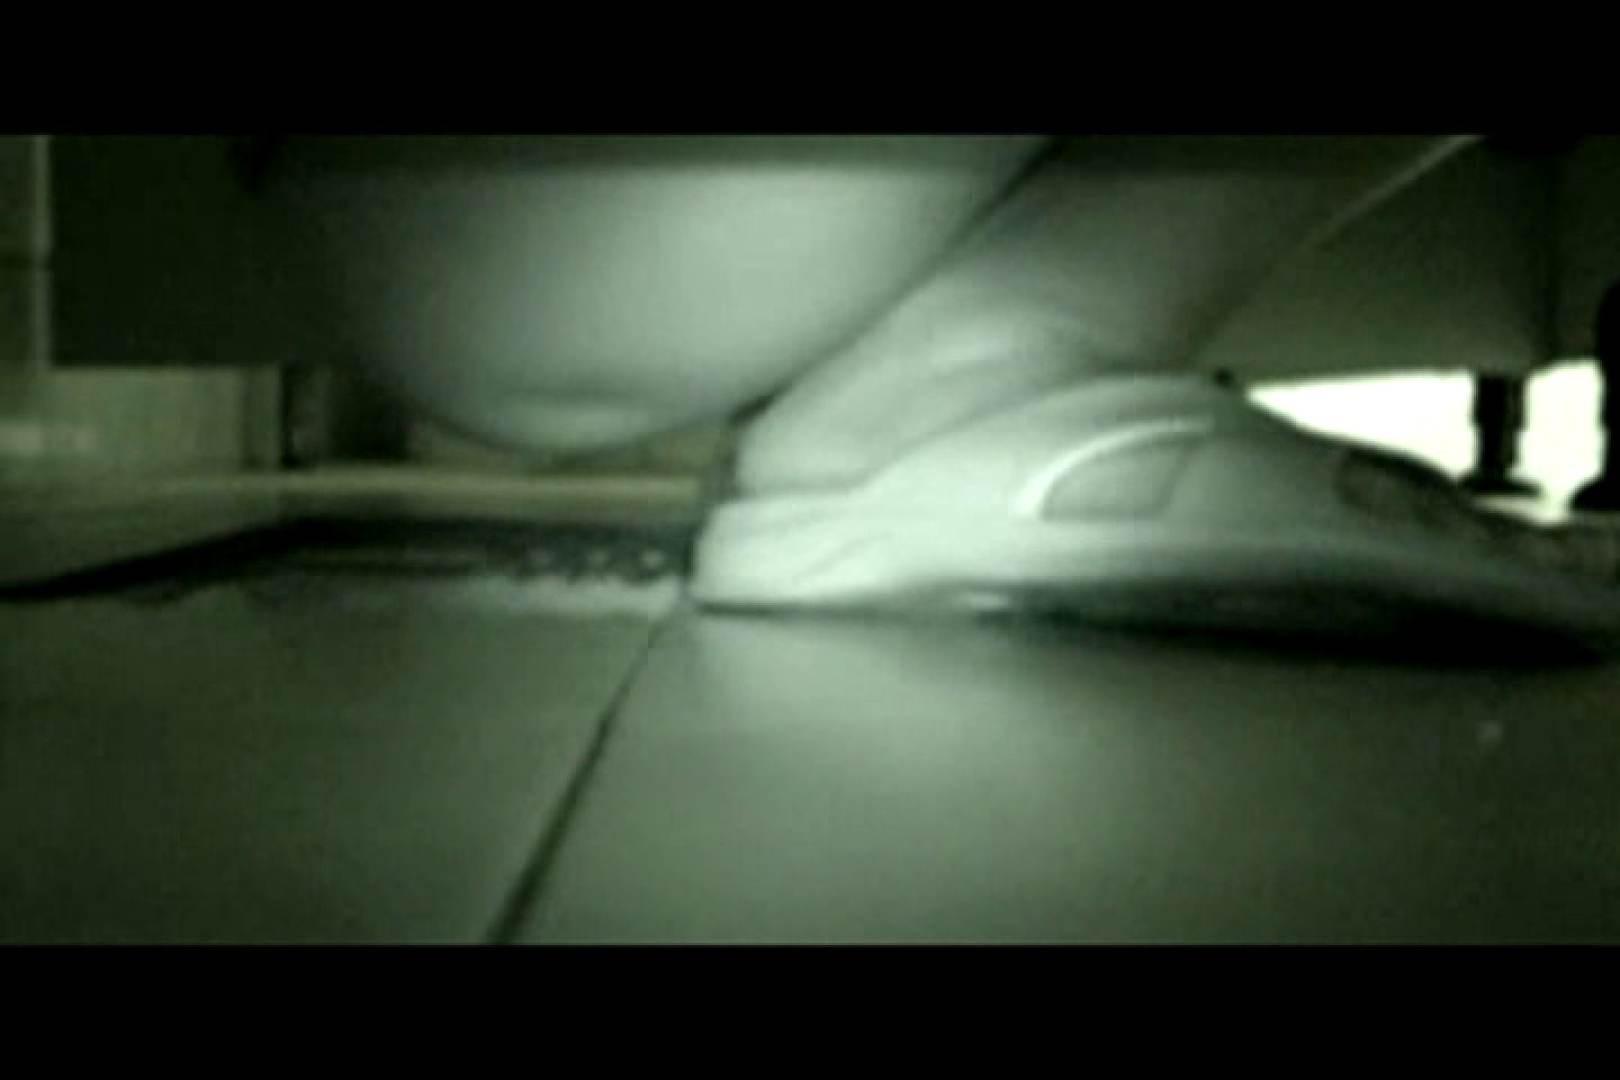 ぼっとん洗面所スペシャルVol.16 おまんこ無修正 隠し撮りセックス画像 99pic 47